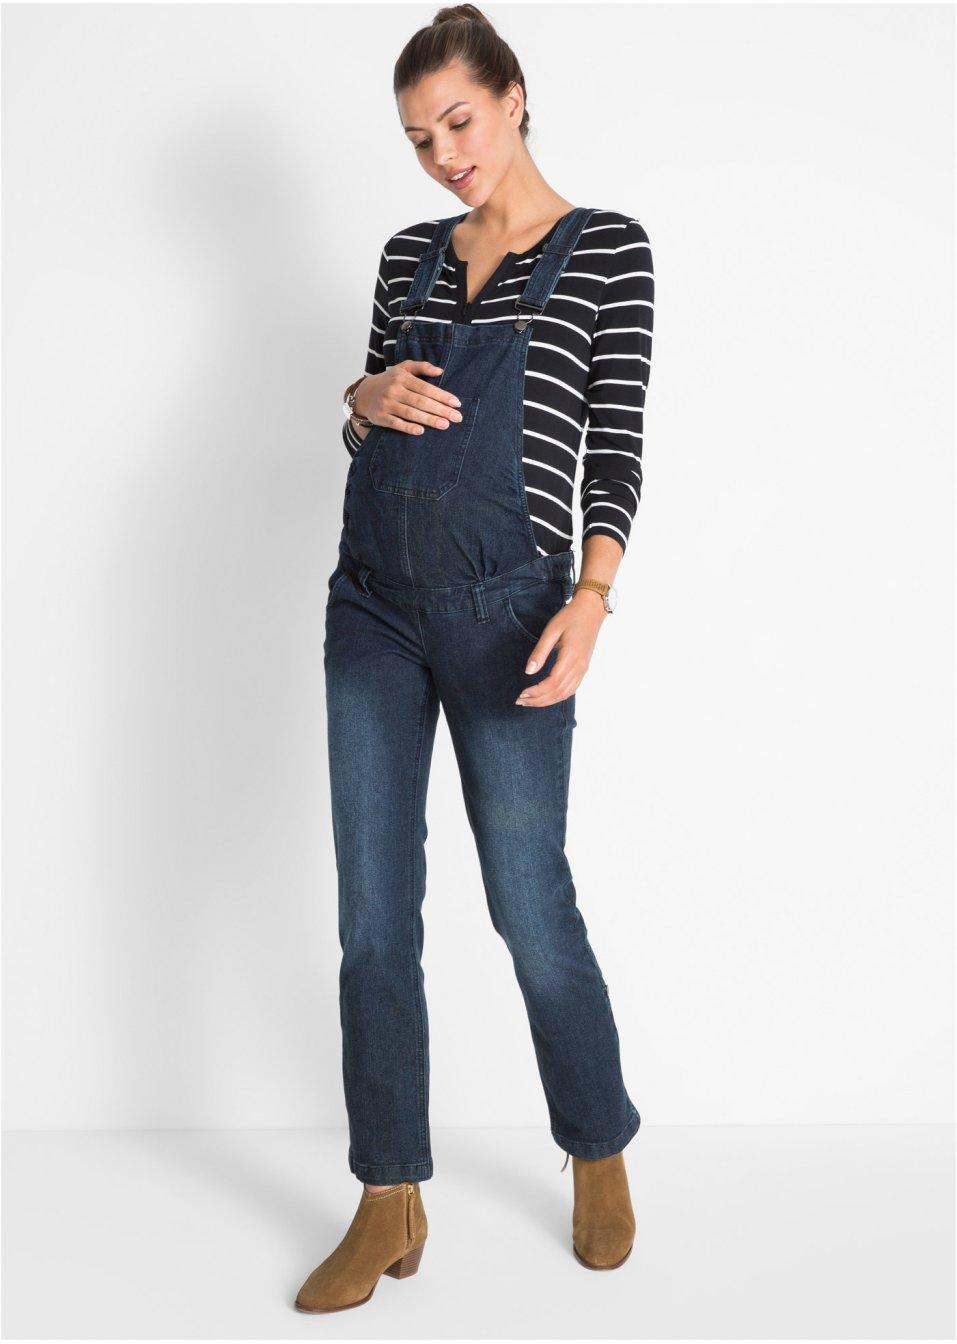 Těhotenské kalhoty s laclem tmavě modrá stone - bpc bonprix collection -  bonprix.cz 74a1f3a595